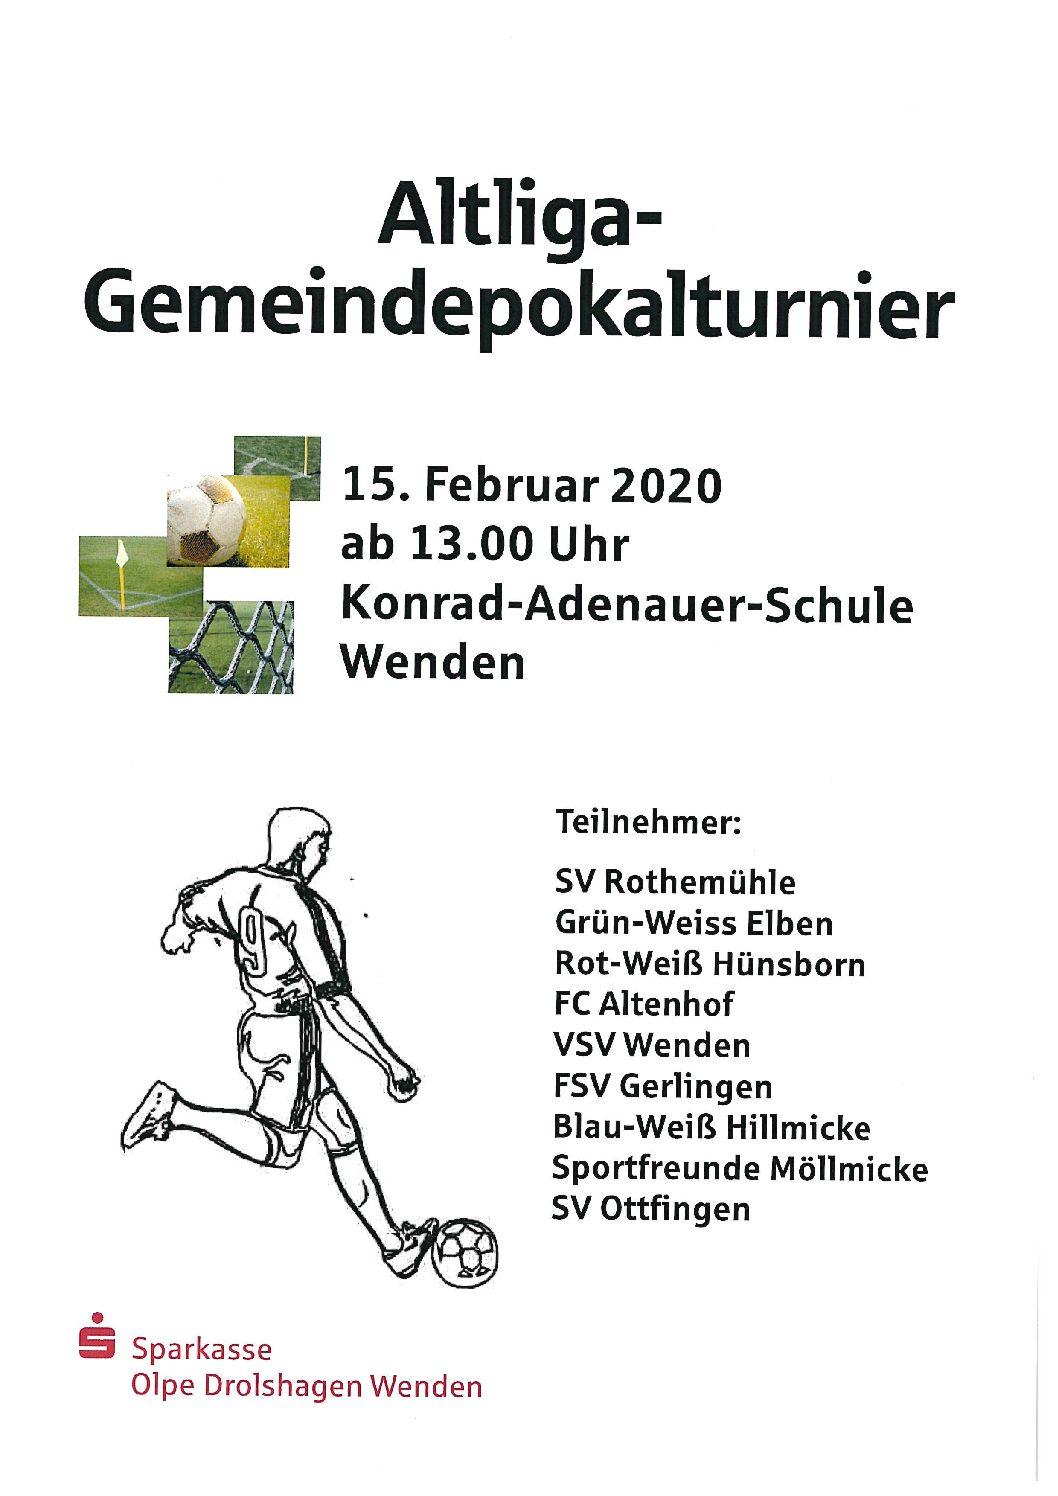 Altliga-Gemeindepokalturnier 2020